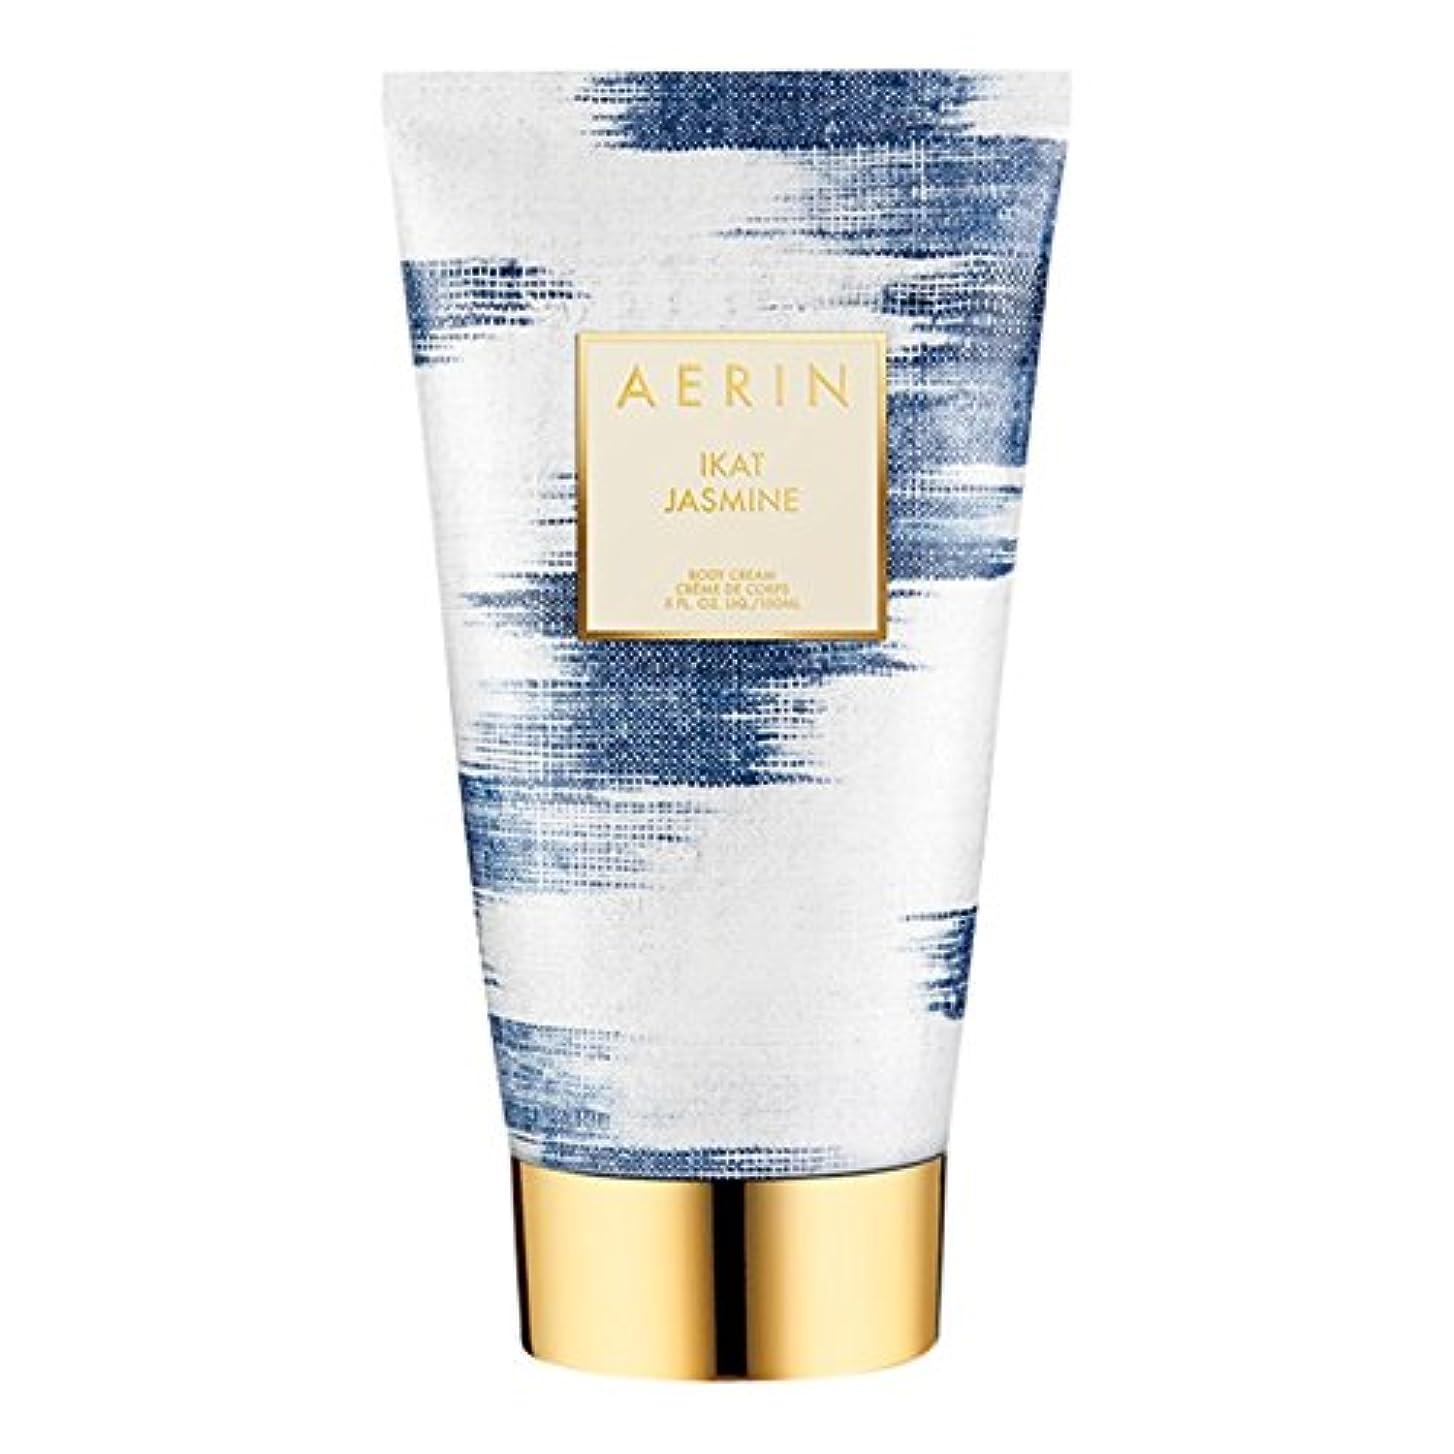 プレビスサイトサポート説得Aerinイカットジャスミンボディクリーム150ミリリットル (AERIN) (x2) - AERIN Ikat Jasmine Body Cream 150ml (Pack of 2) [並行輸入品]